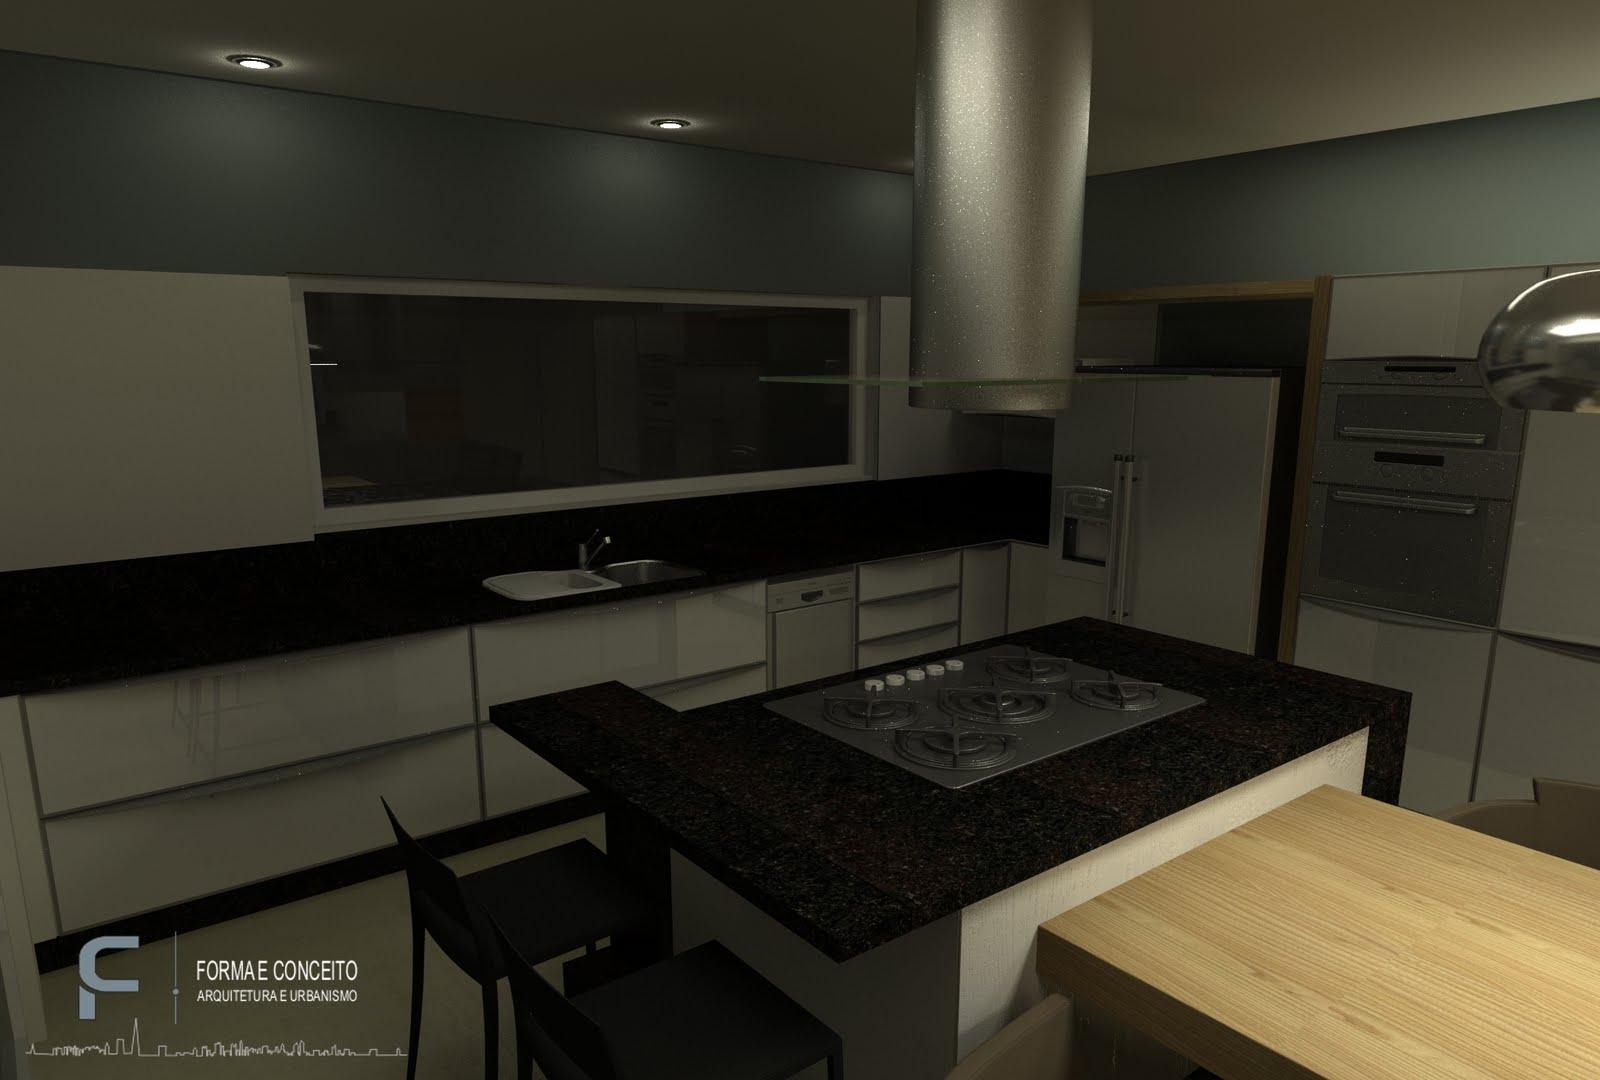 FORMA E CONCEITO ARQUITETURA: Projeto de interiores para residência  #90753B 1600 1080